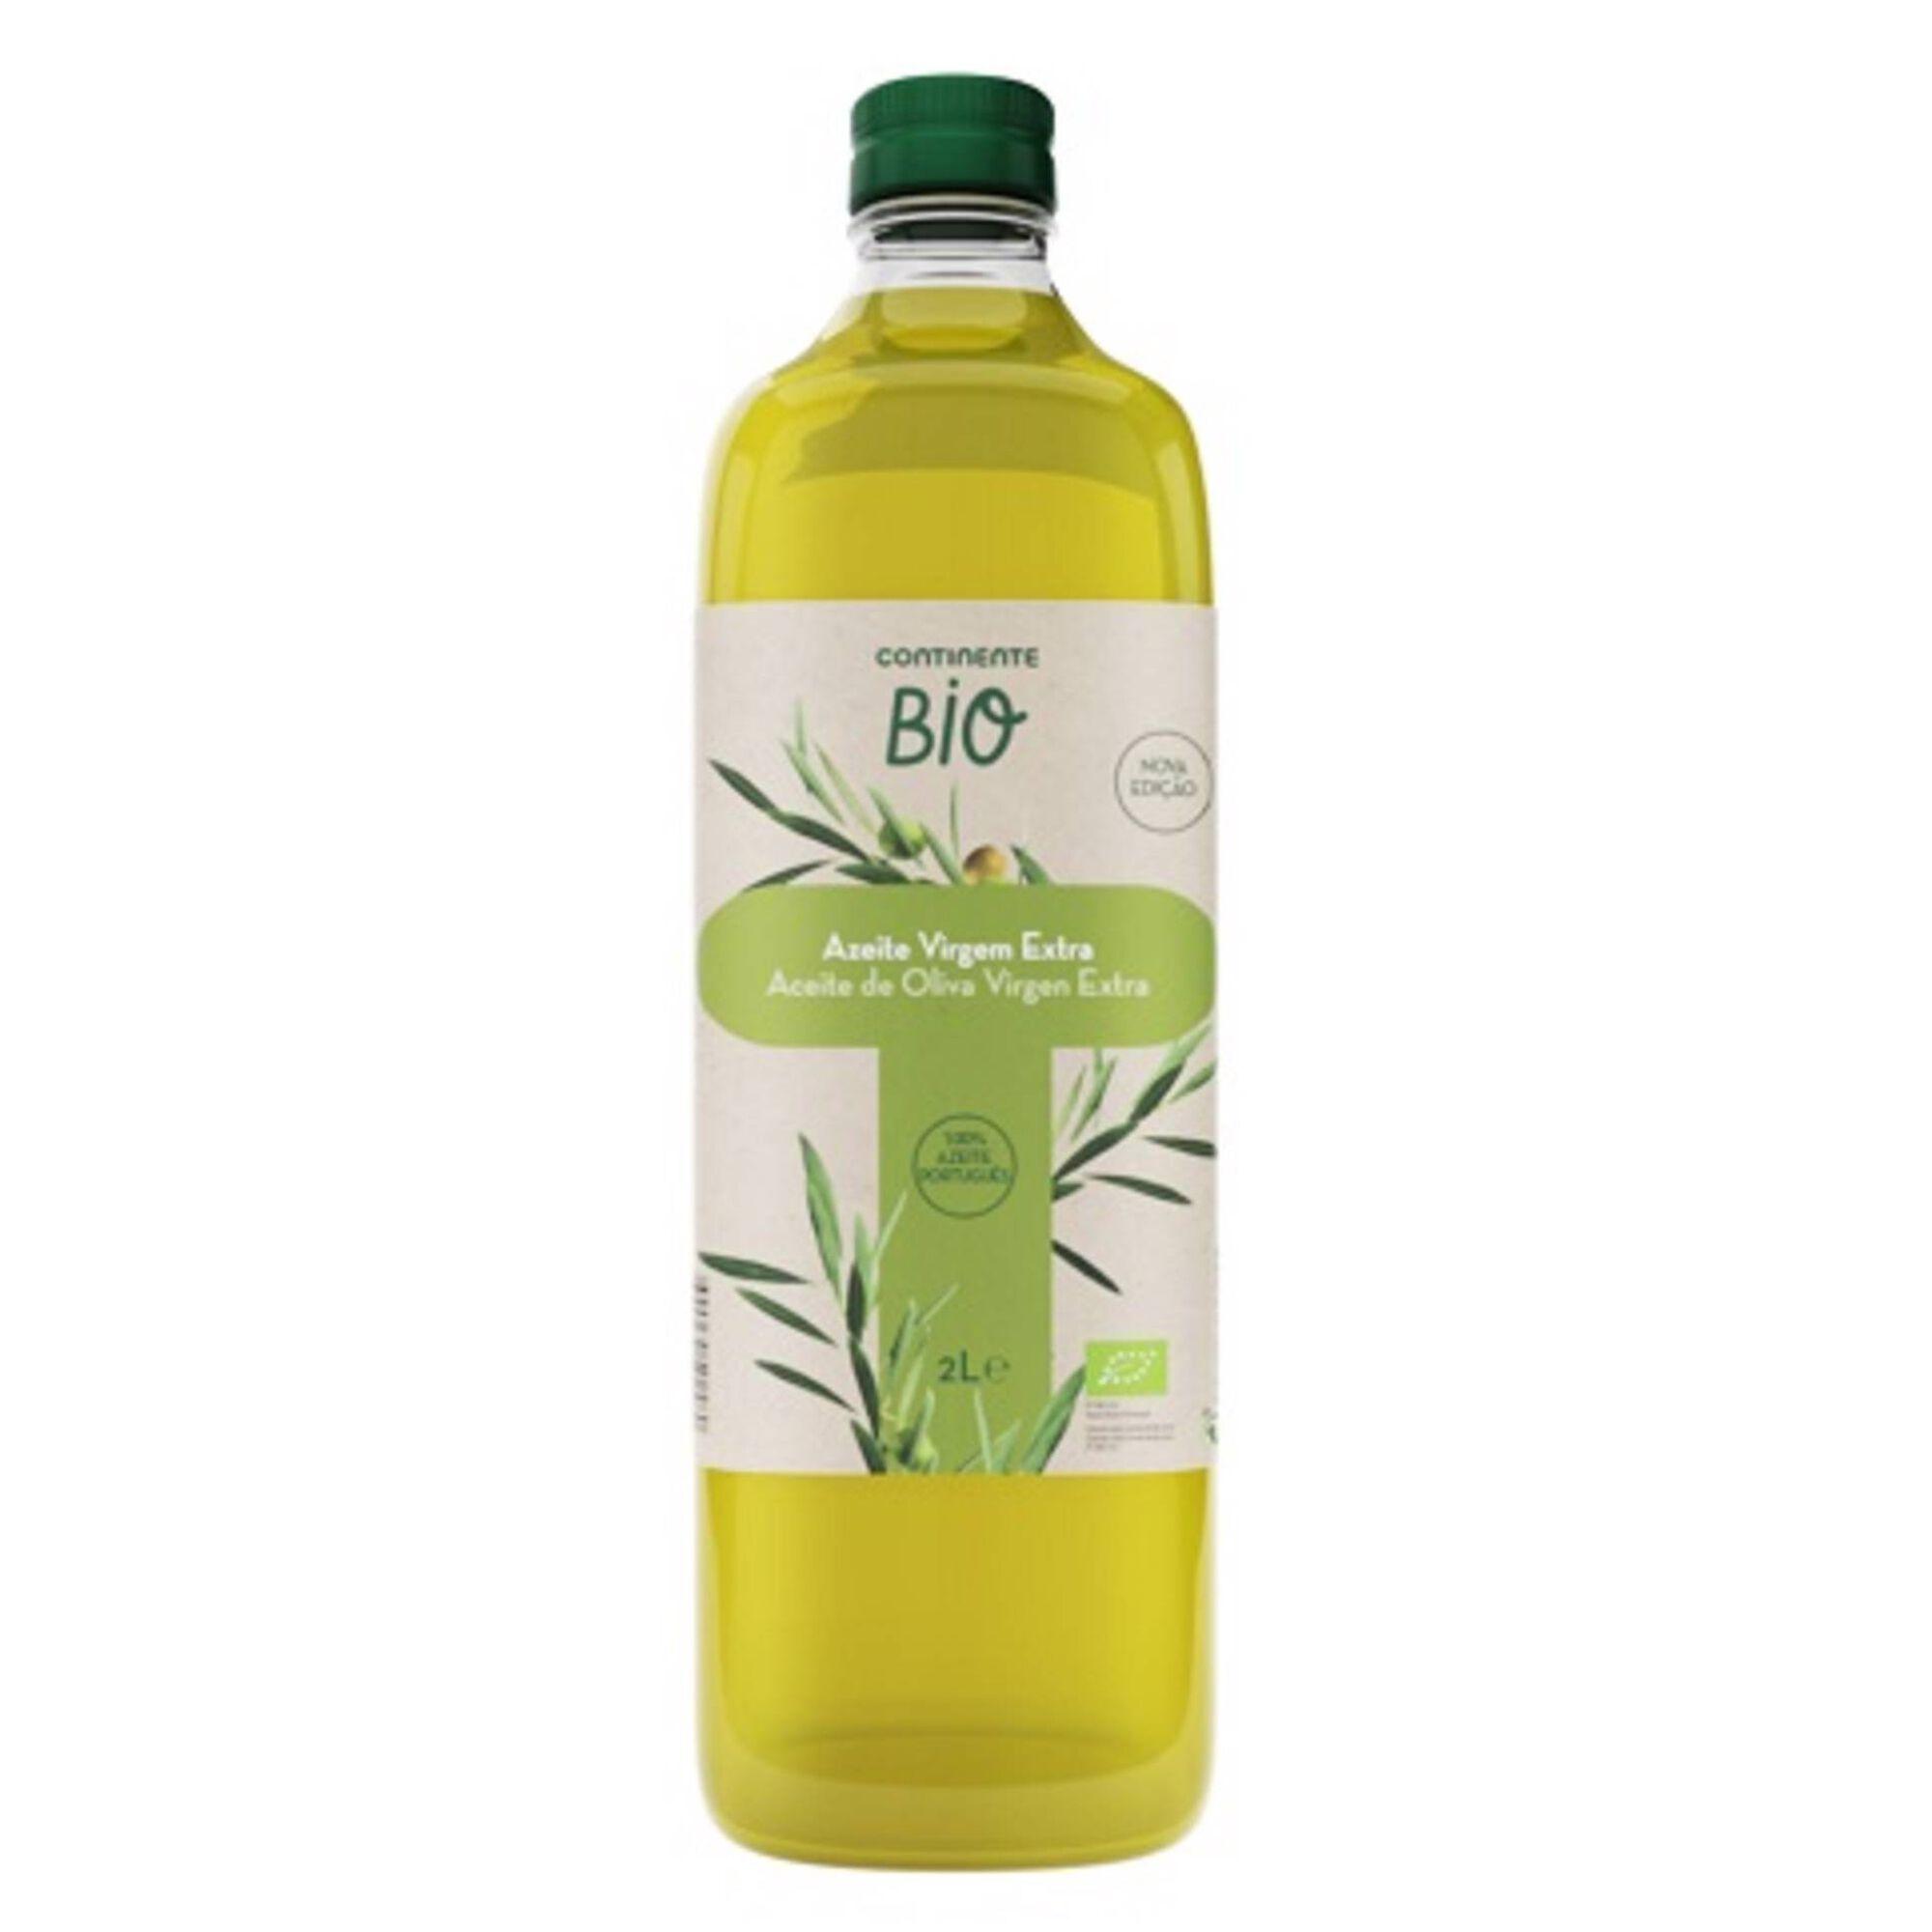 Azeite Virgem Extra Biológico